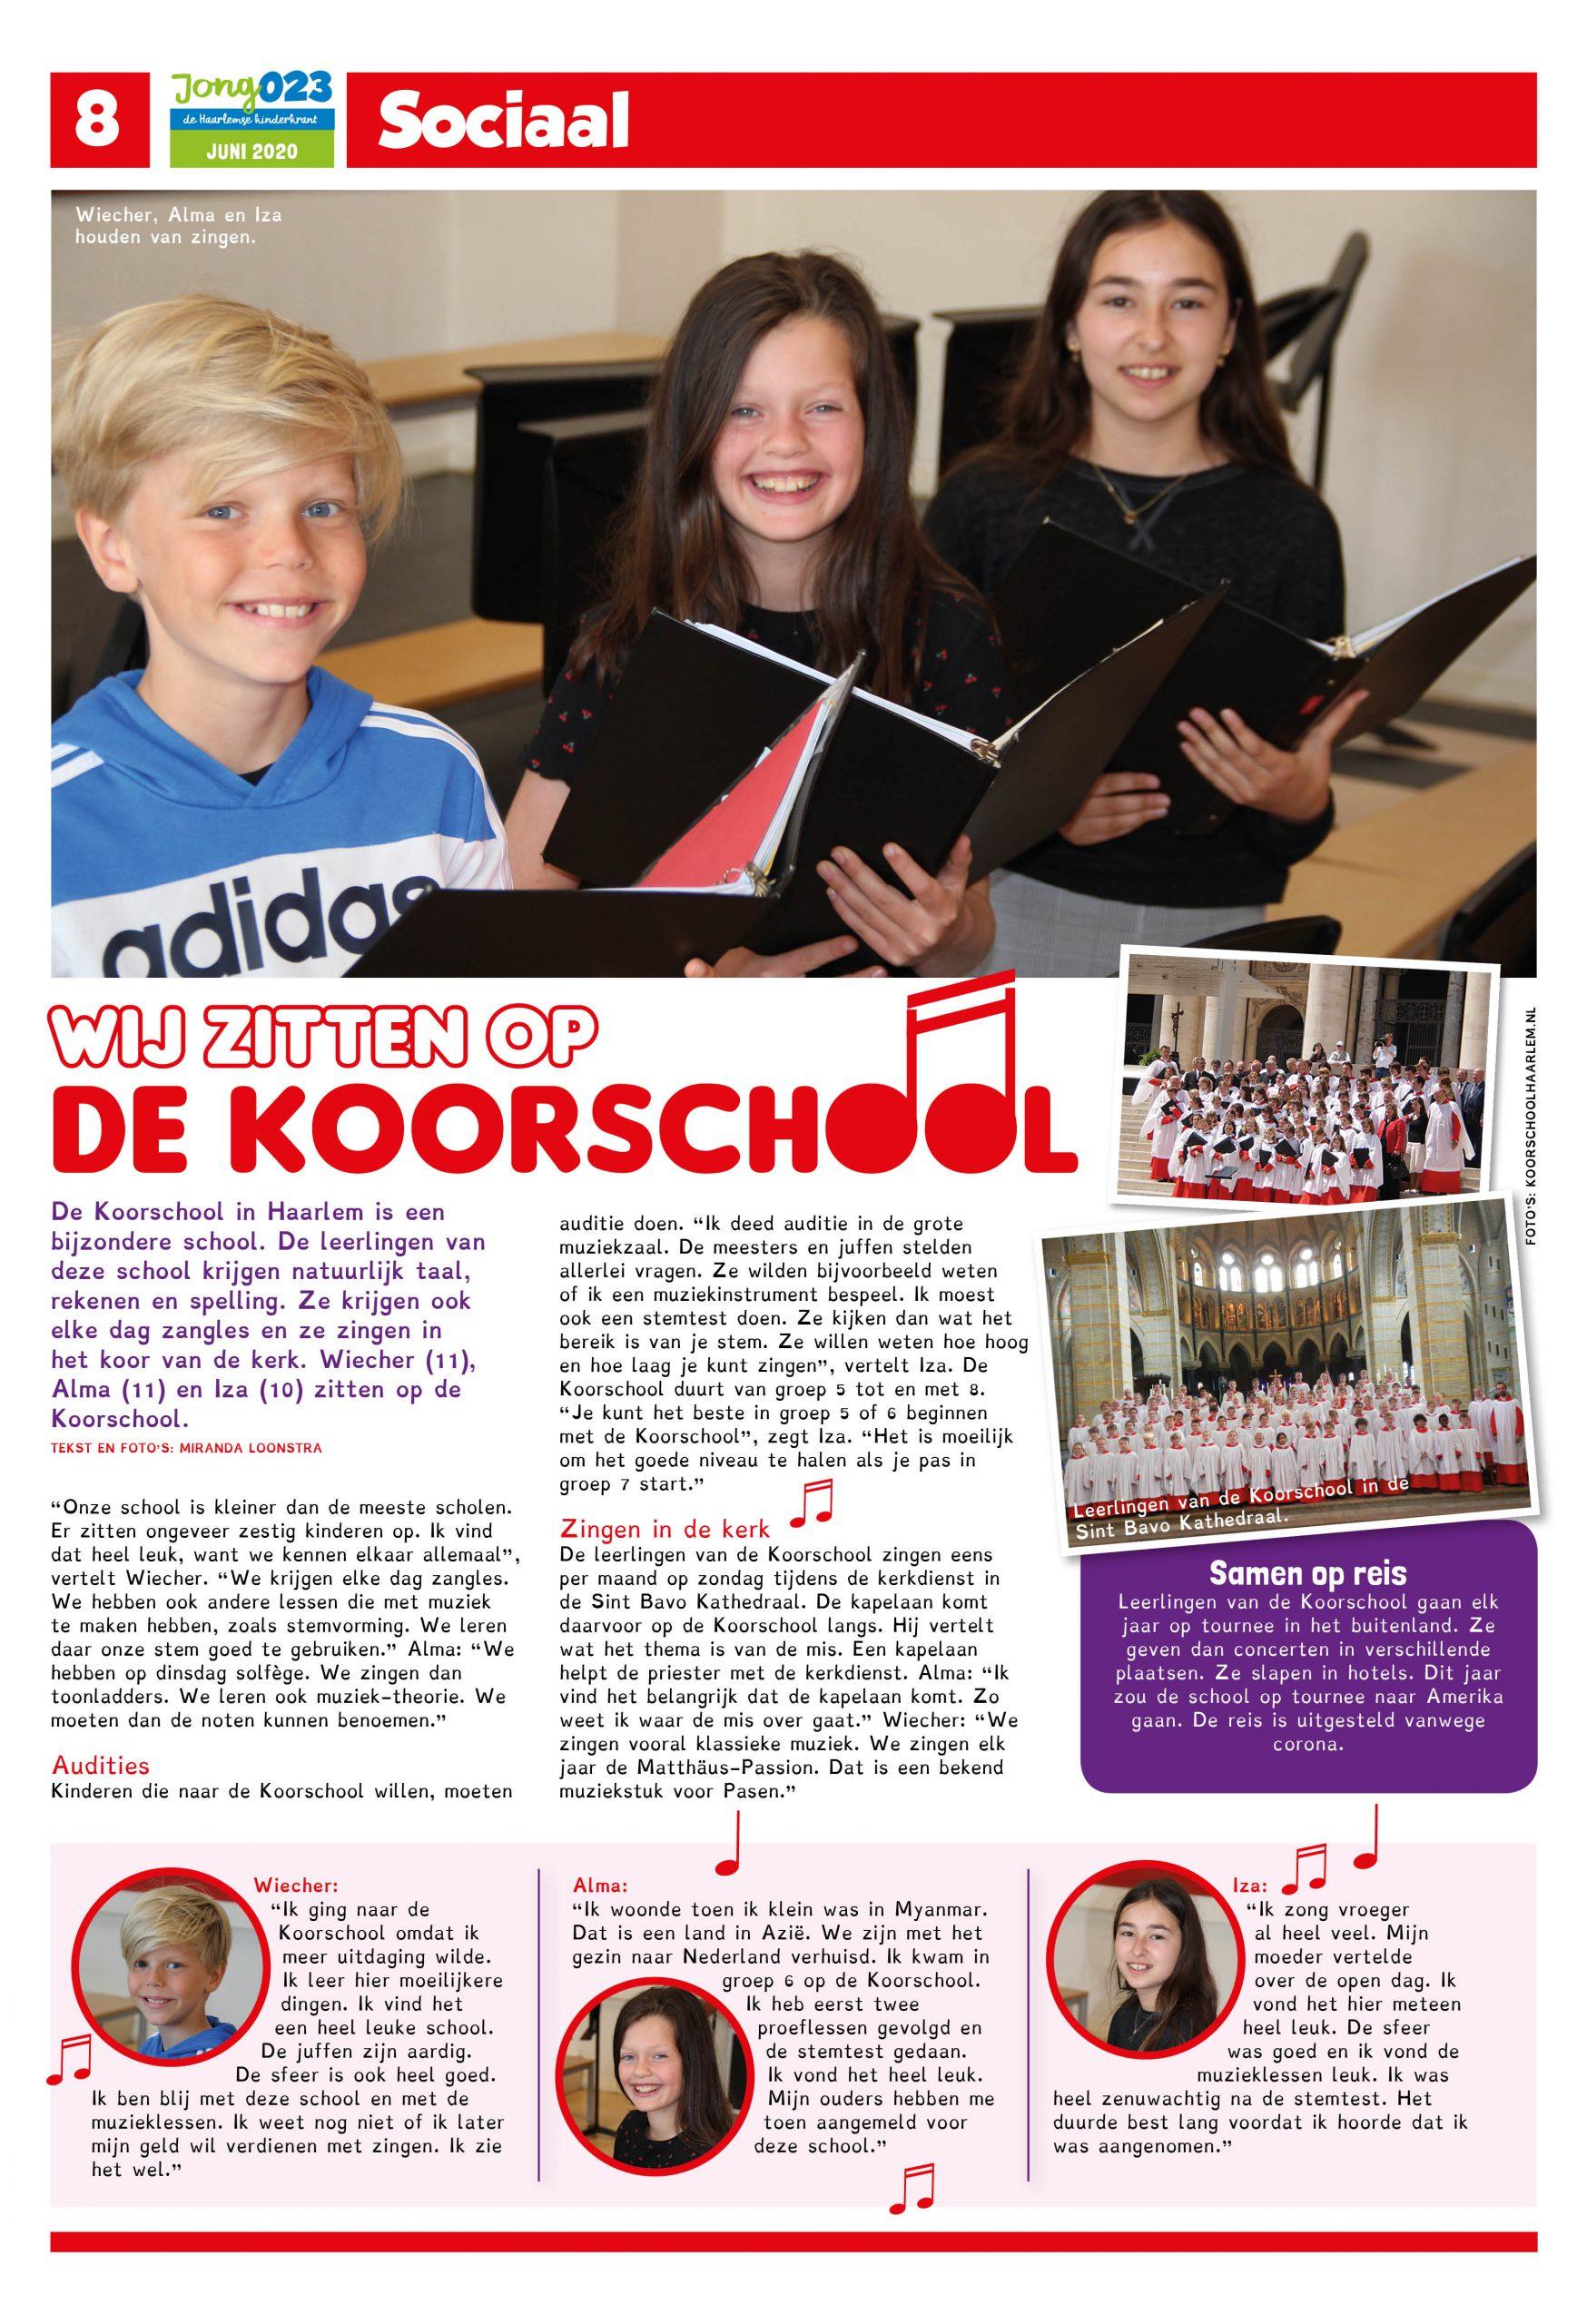 Artikel in Jong023: Wij zitten op de Koorschool!